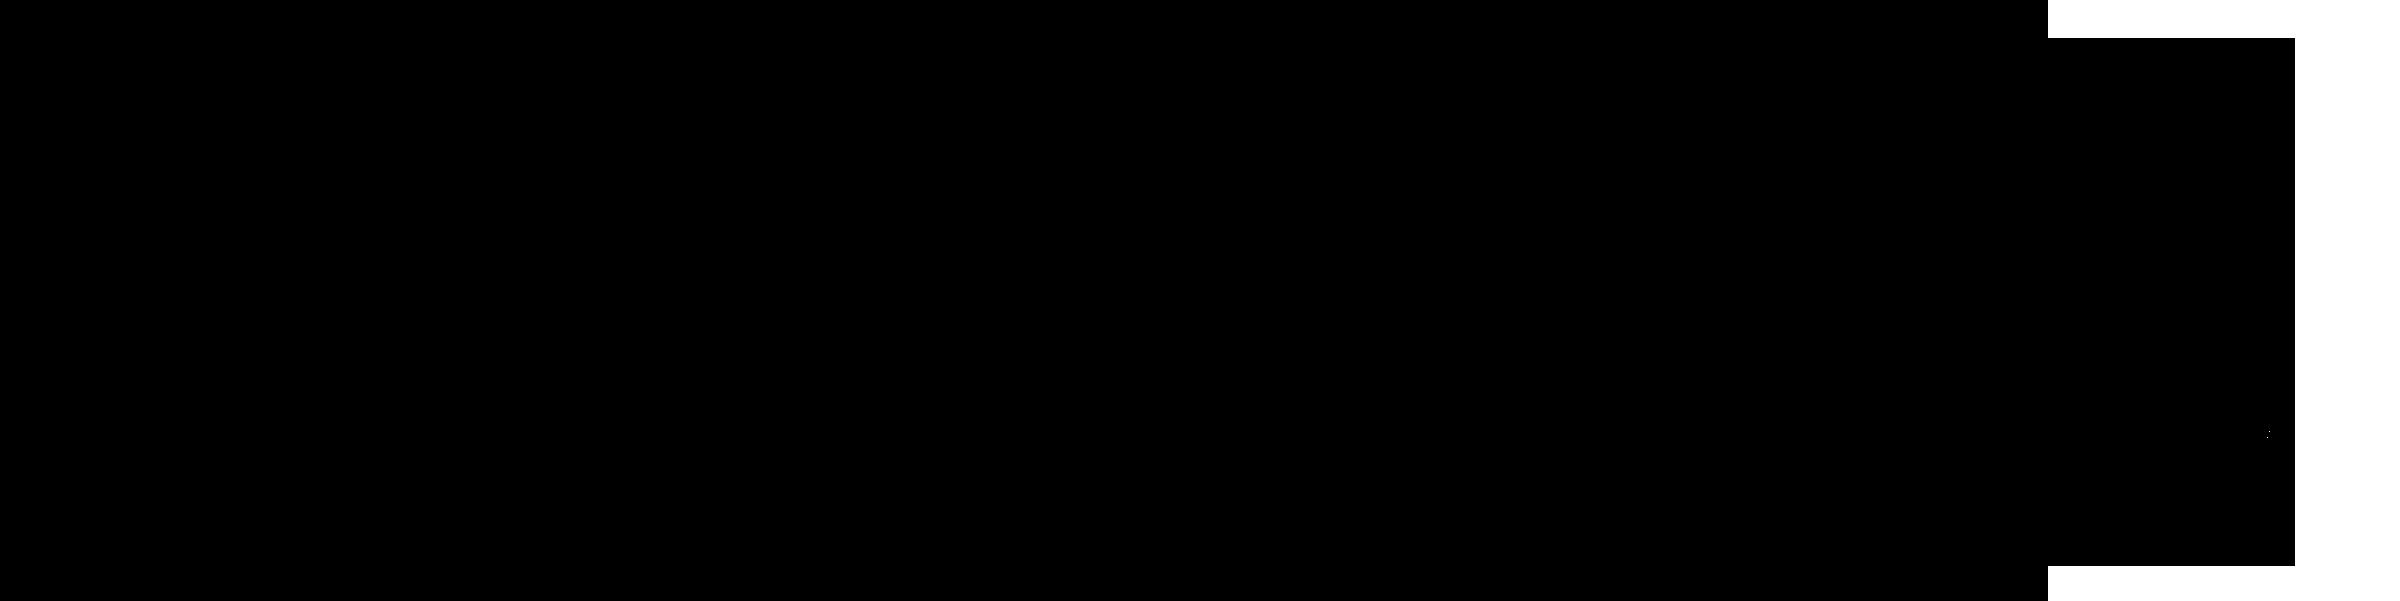 Whole Food Market logo